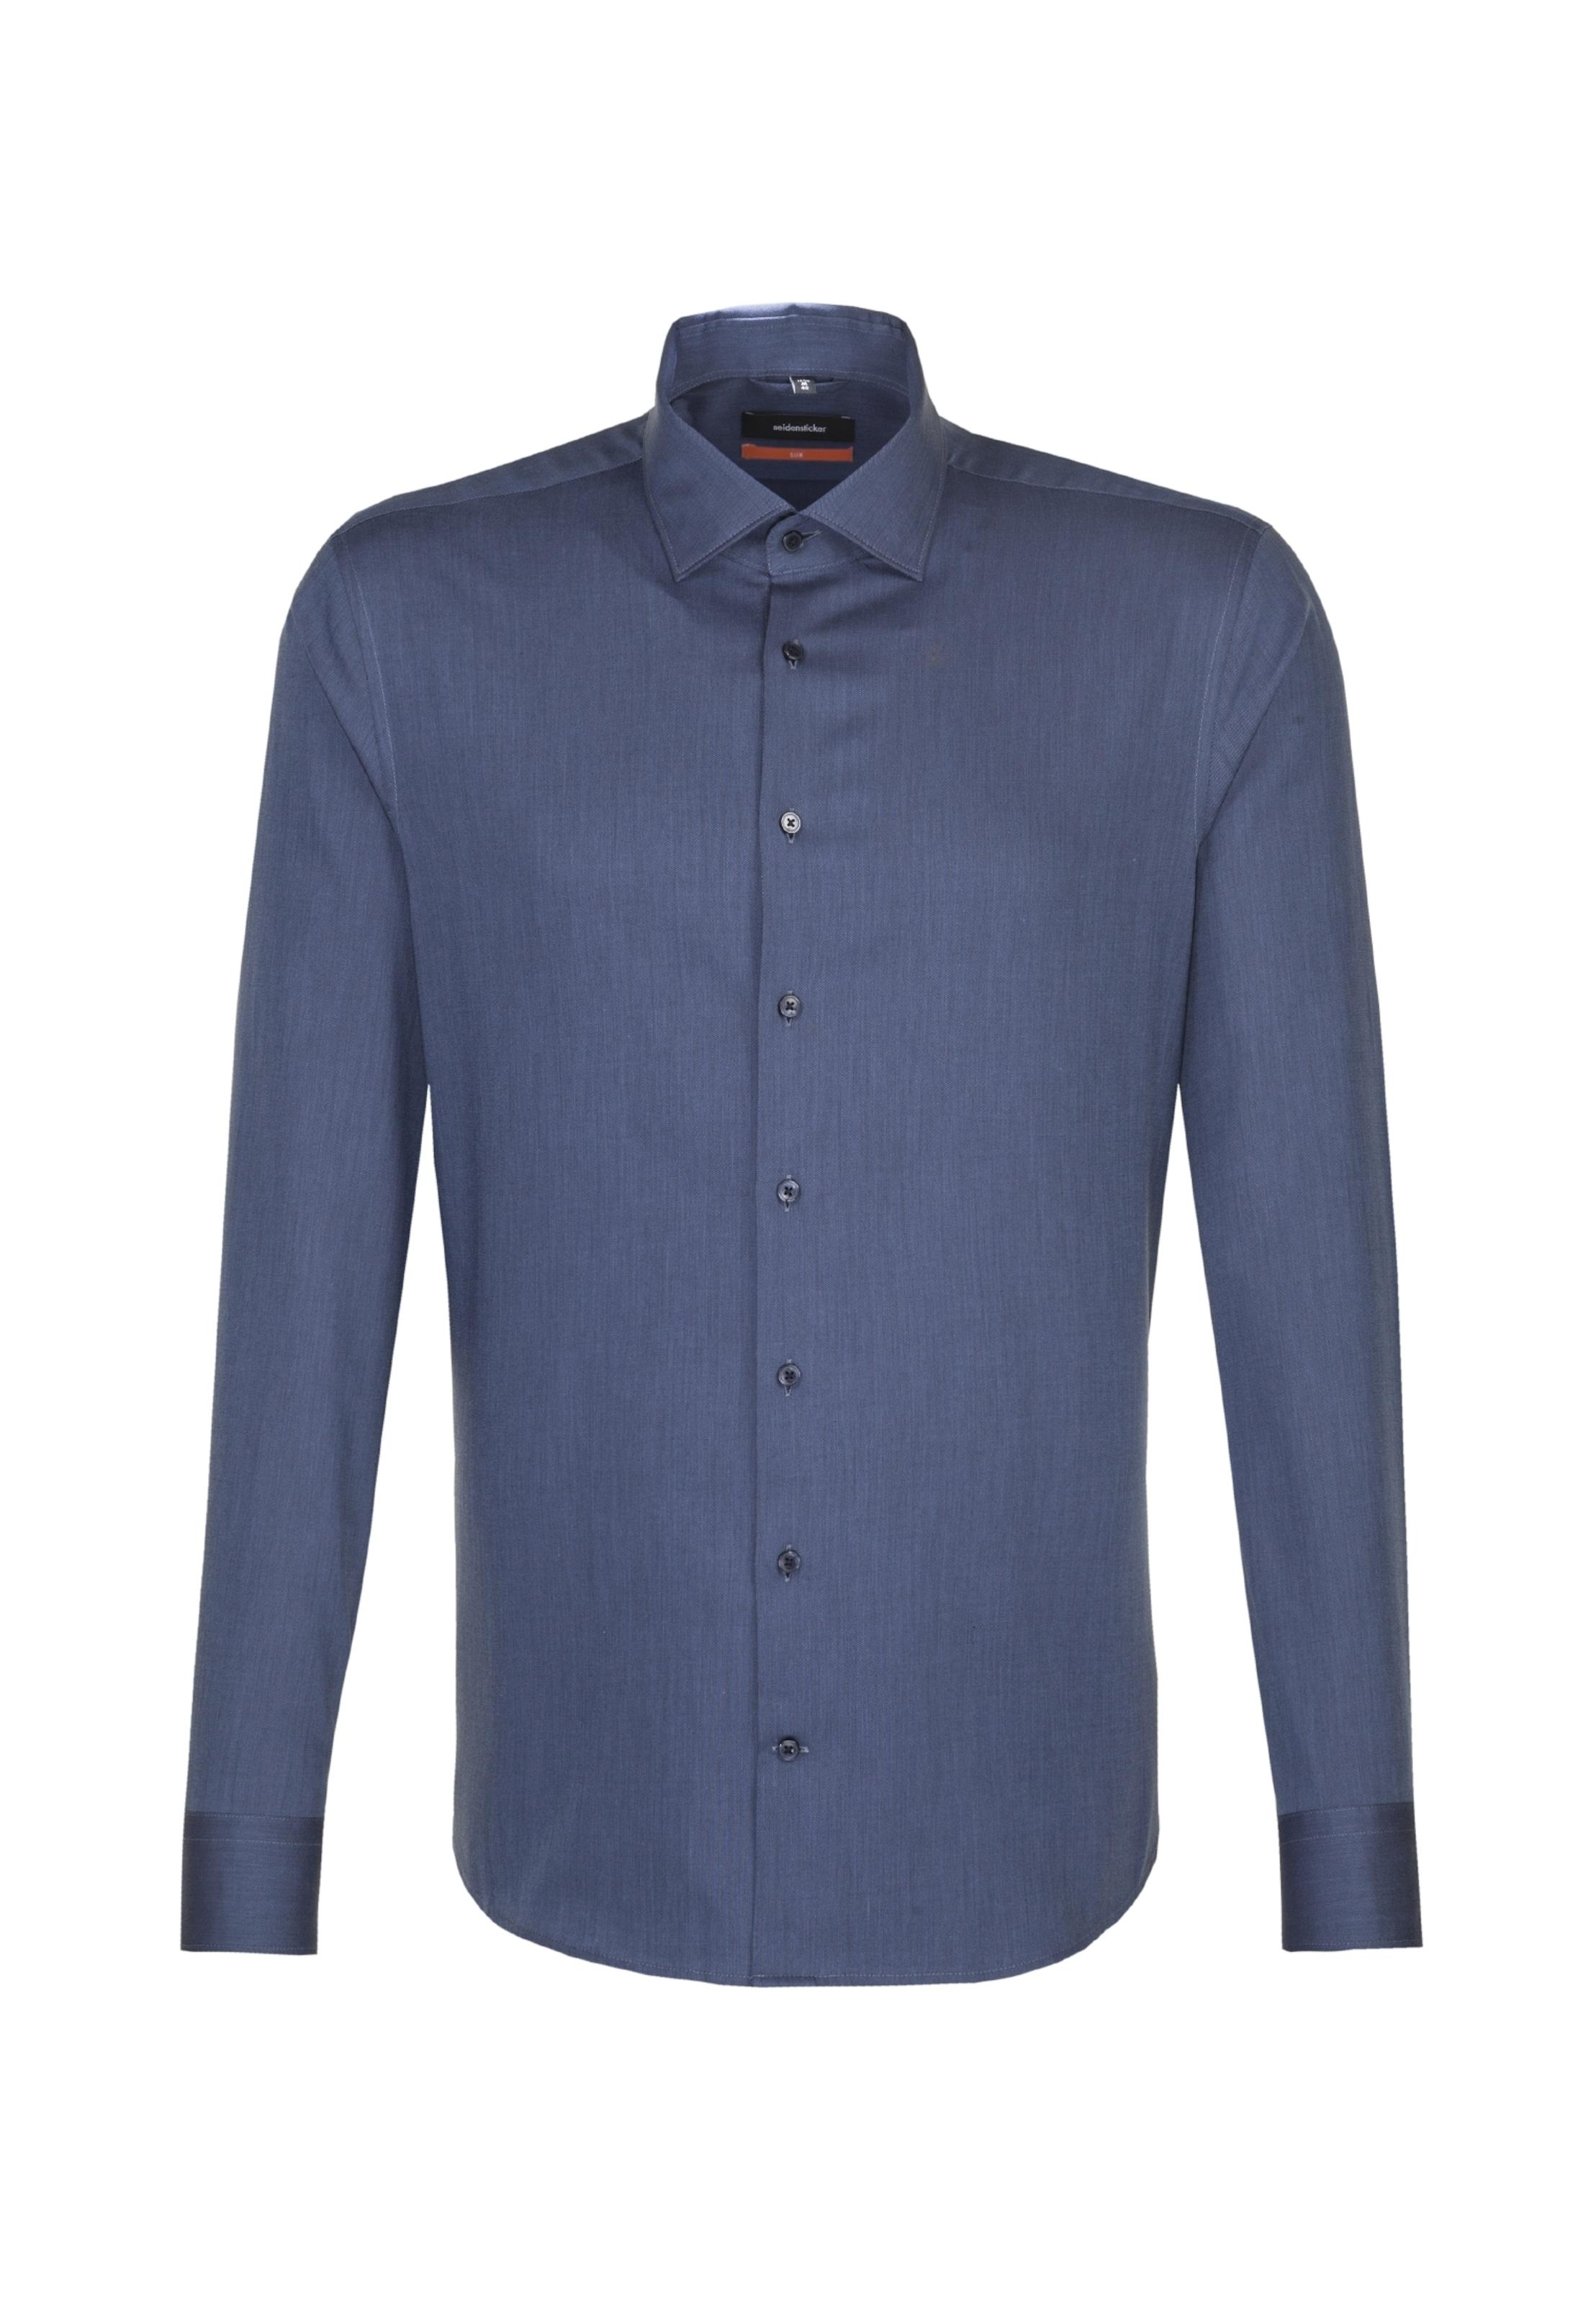 Hemd In In Seidensticker Seidensticker In Hemd Hemd Blau Seidensticker Blau Seidensticker Hemd Blau WdeQrBCxo